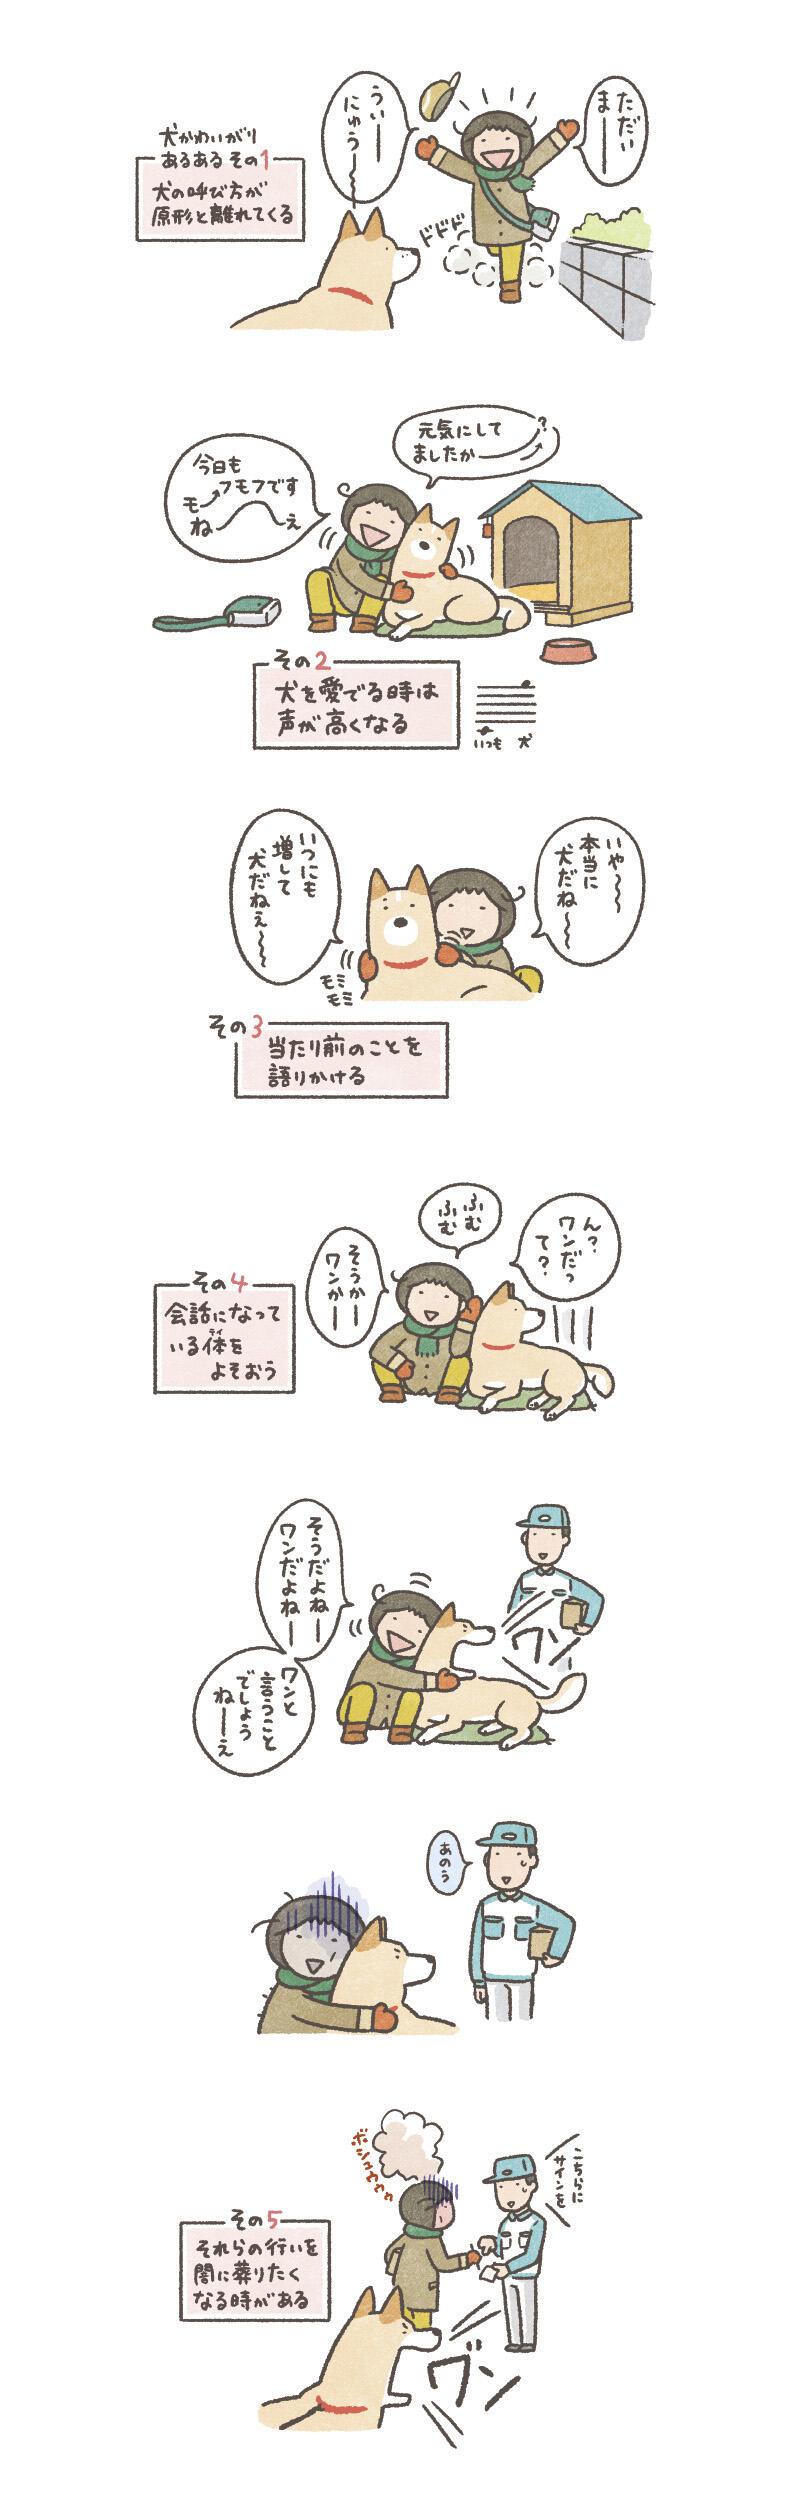 76inukawaigari.jpg